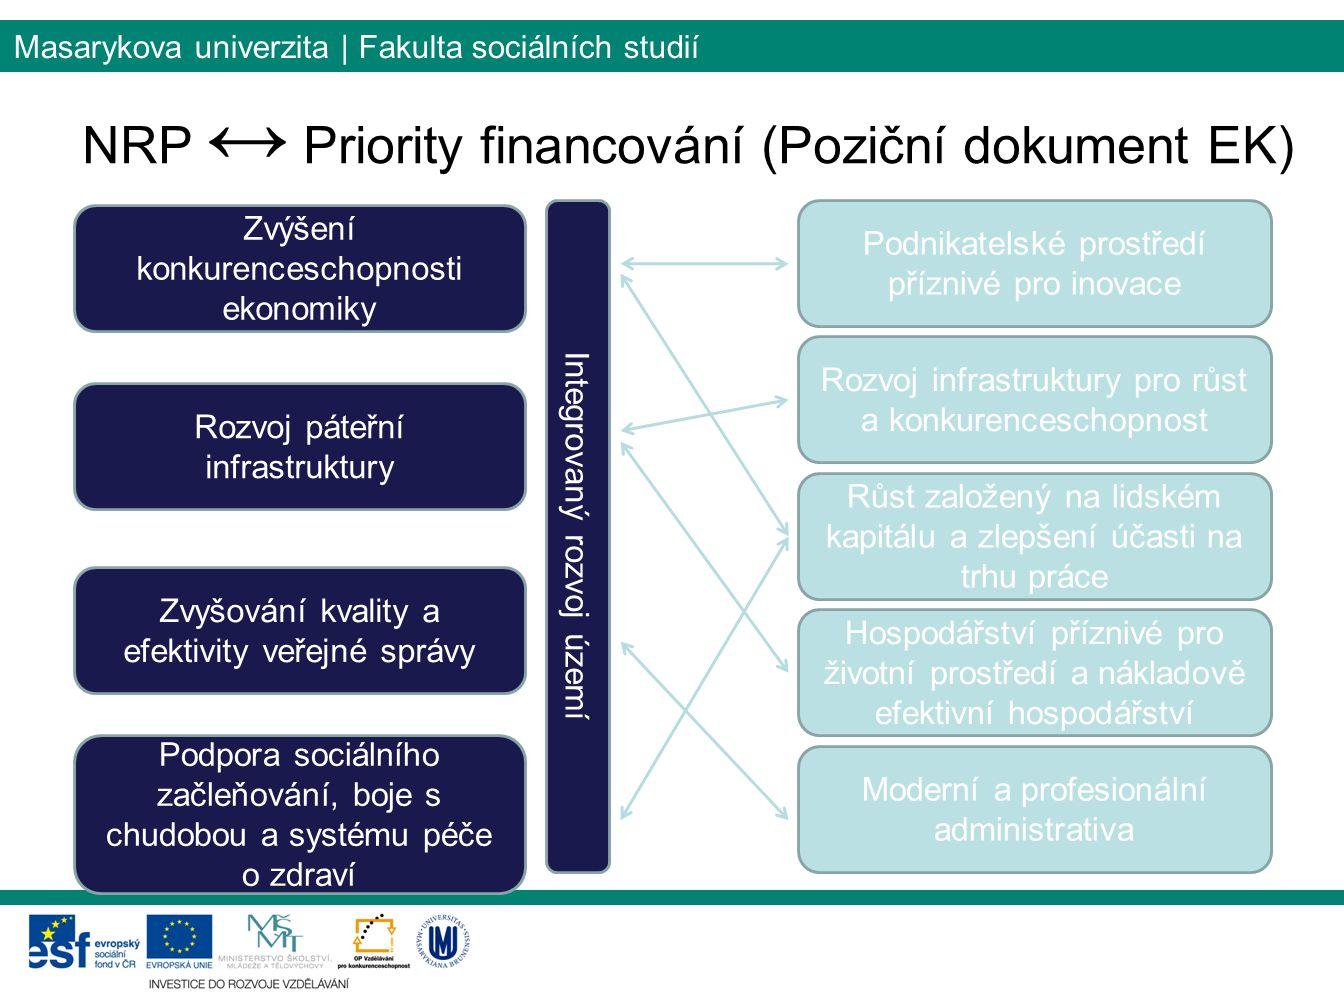 Masarykova univerzita | Fakulta sociálních studií NRP ↔ Priority financování (Poziční dokument EK) Zvýšení konkurenceschopnosti ekonomiky Rozvoj páteř